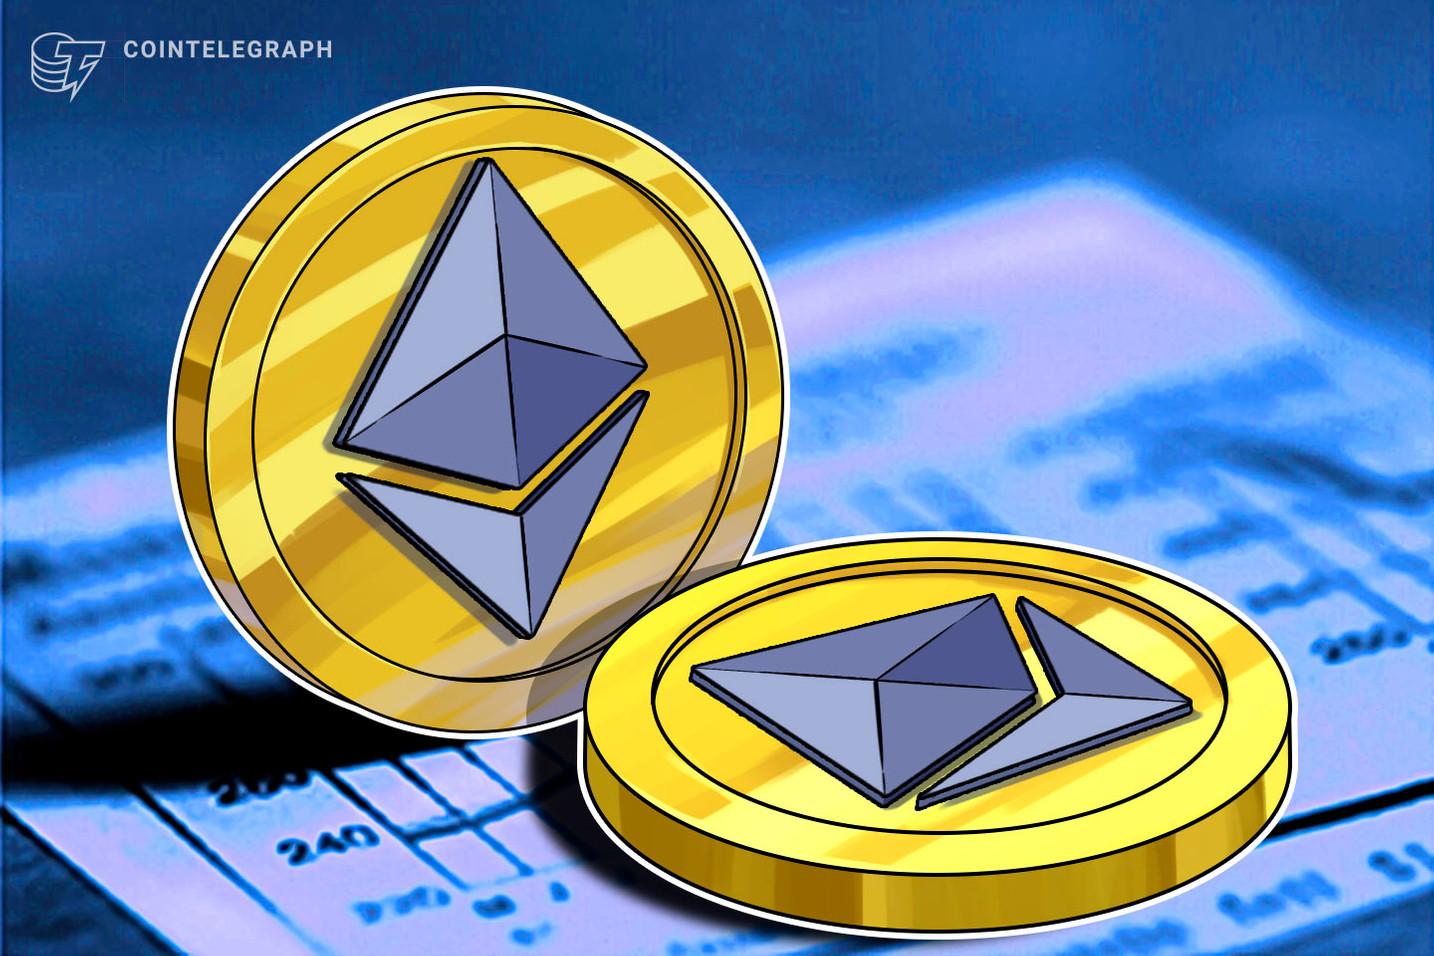 El vencimiento mensual de USD 1.9 mil millones en futuros y opciones de Ethereum determinará si el precio de ETH vuelve a los USD 3,000 pronto